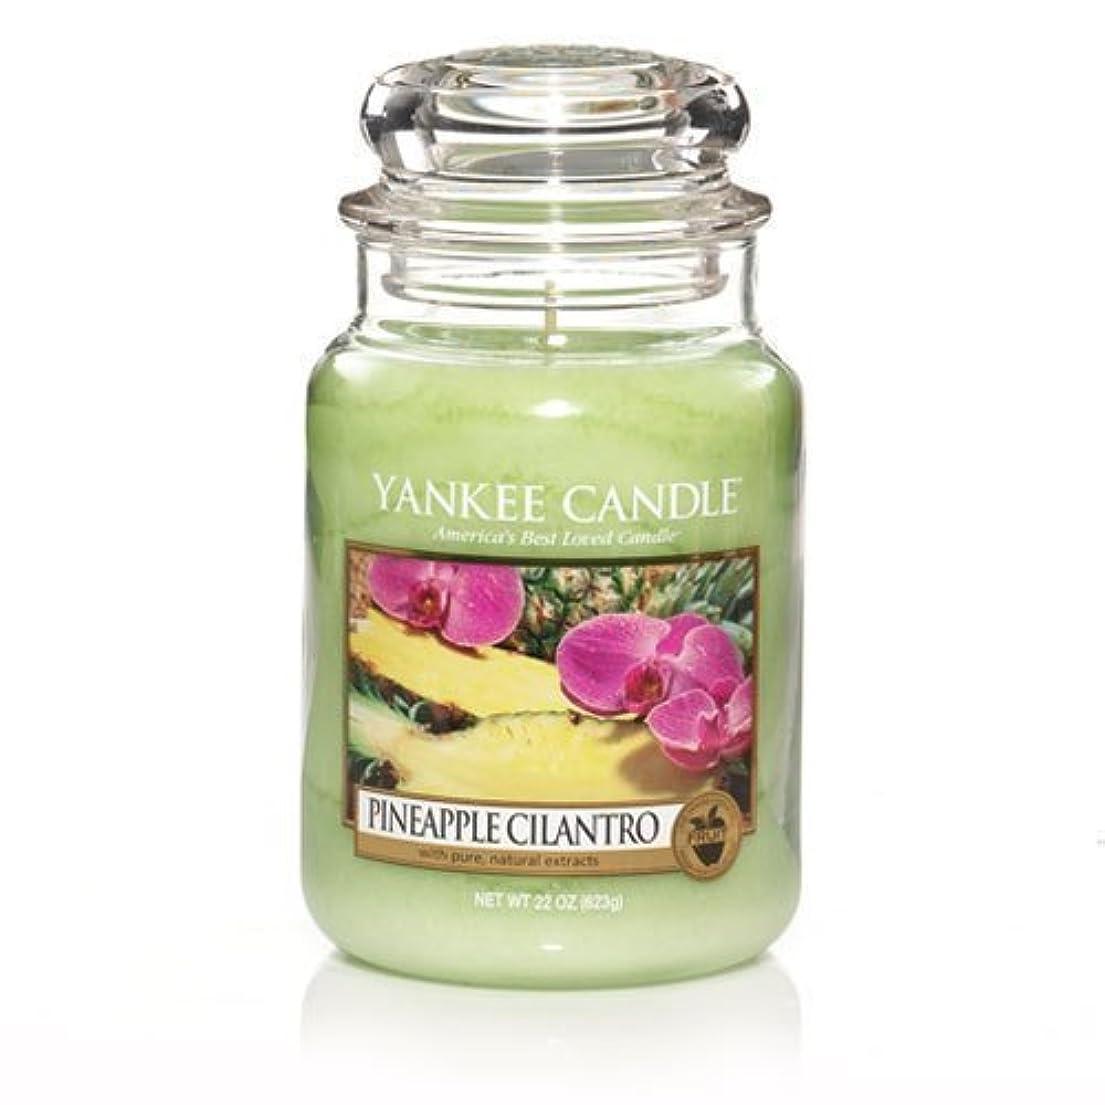 お尻一生経済的Yankee Candle Pineapple Cilantro Large Jar 22oz Candle by Amazon source [並行輸入品]